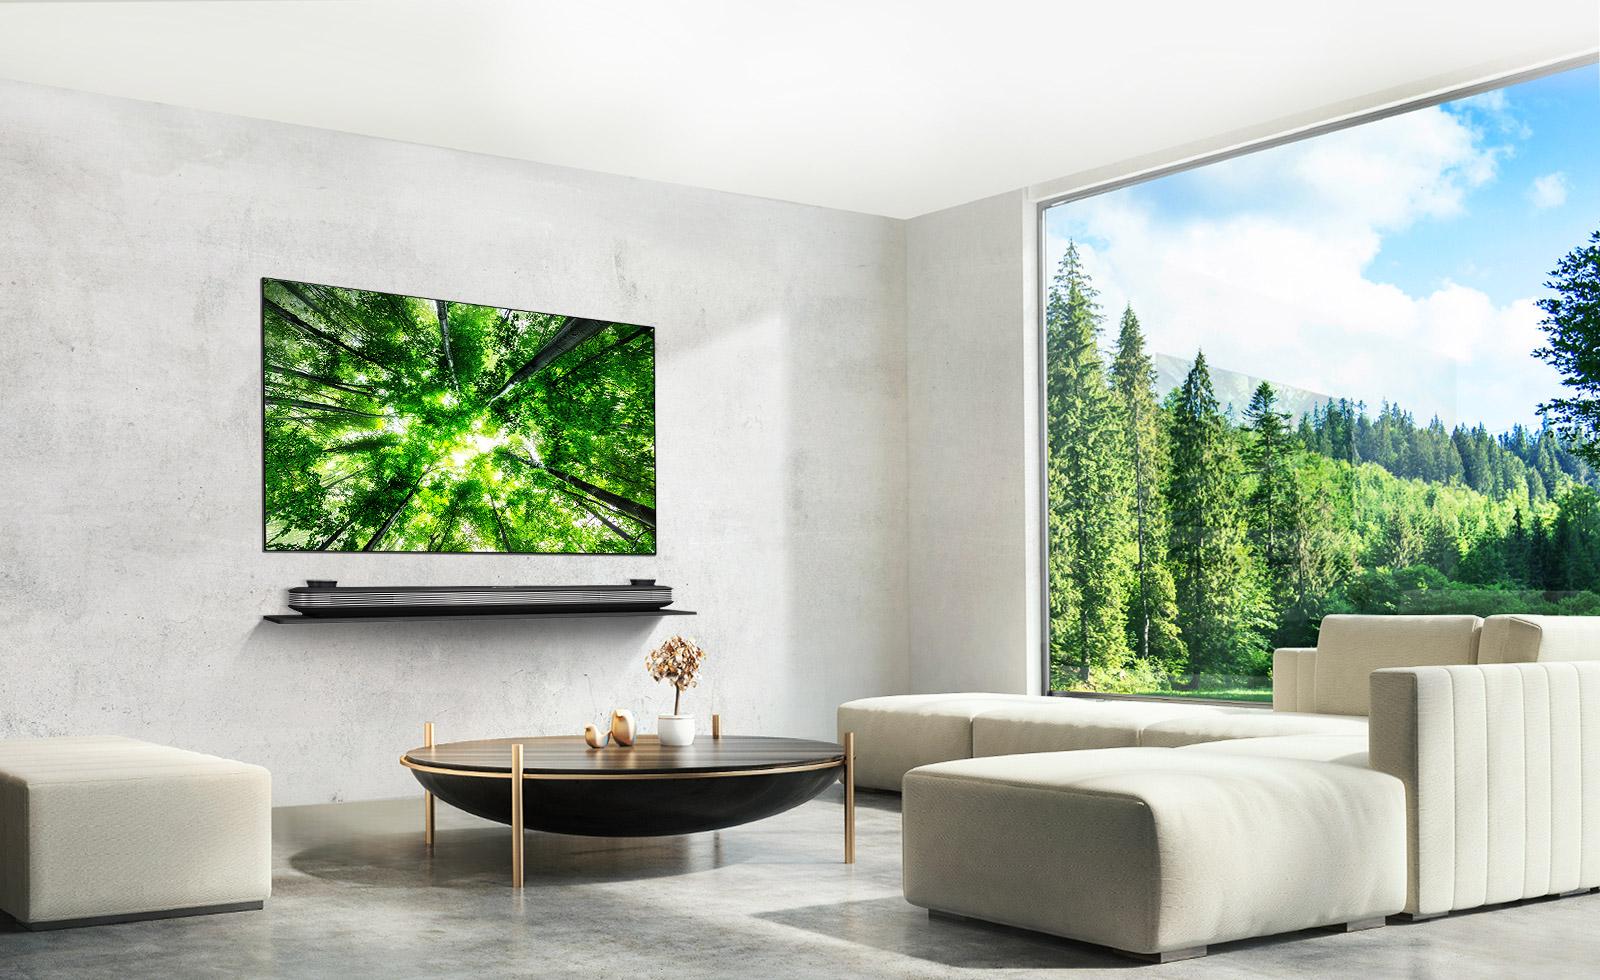 Comment Installer Tv Au Mur test du téléviseur lg oled w8 signature : le design au prix fort